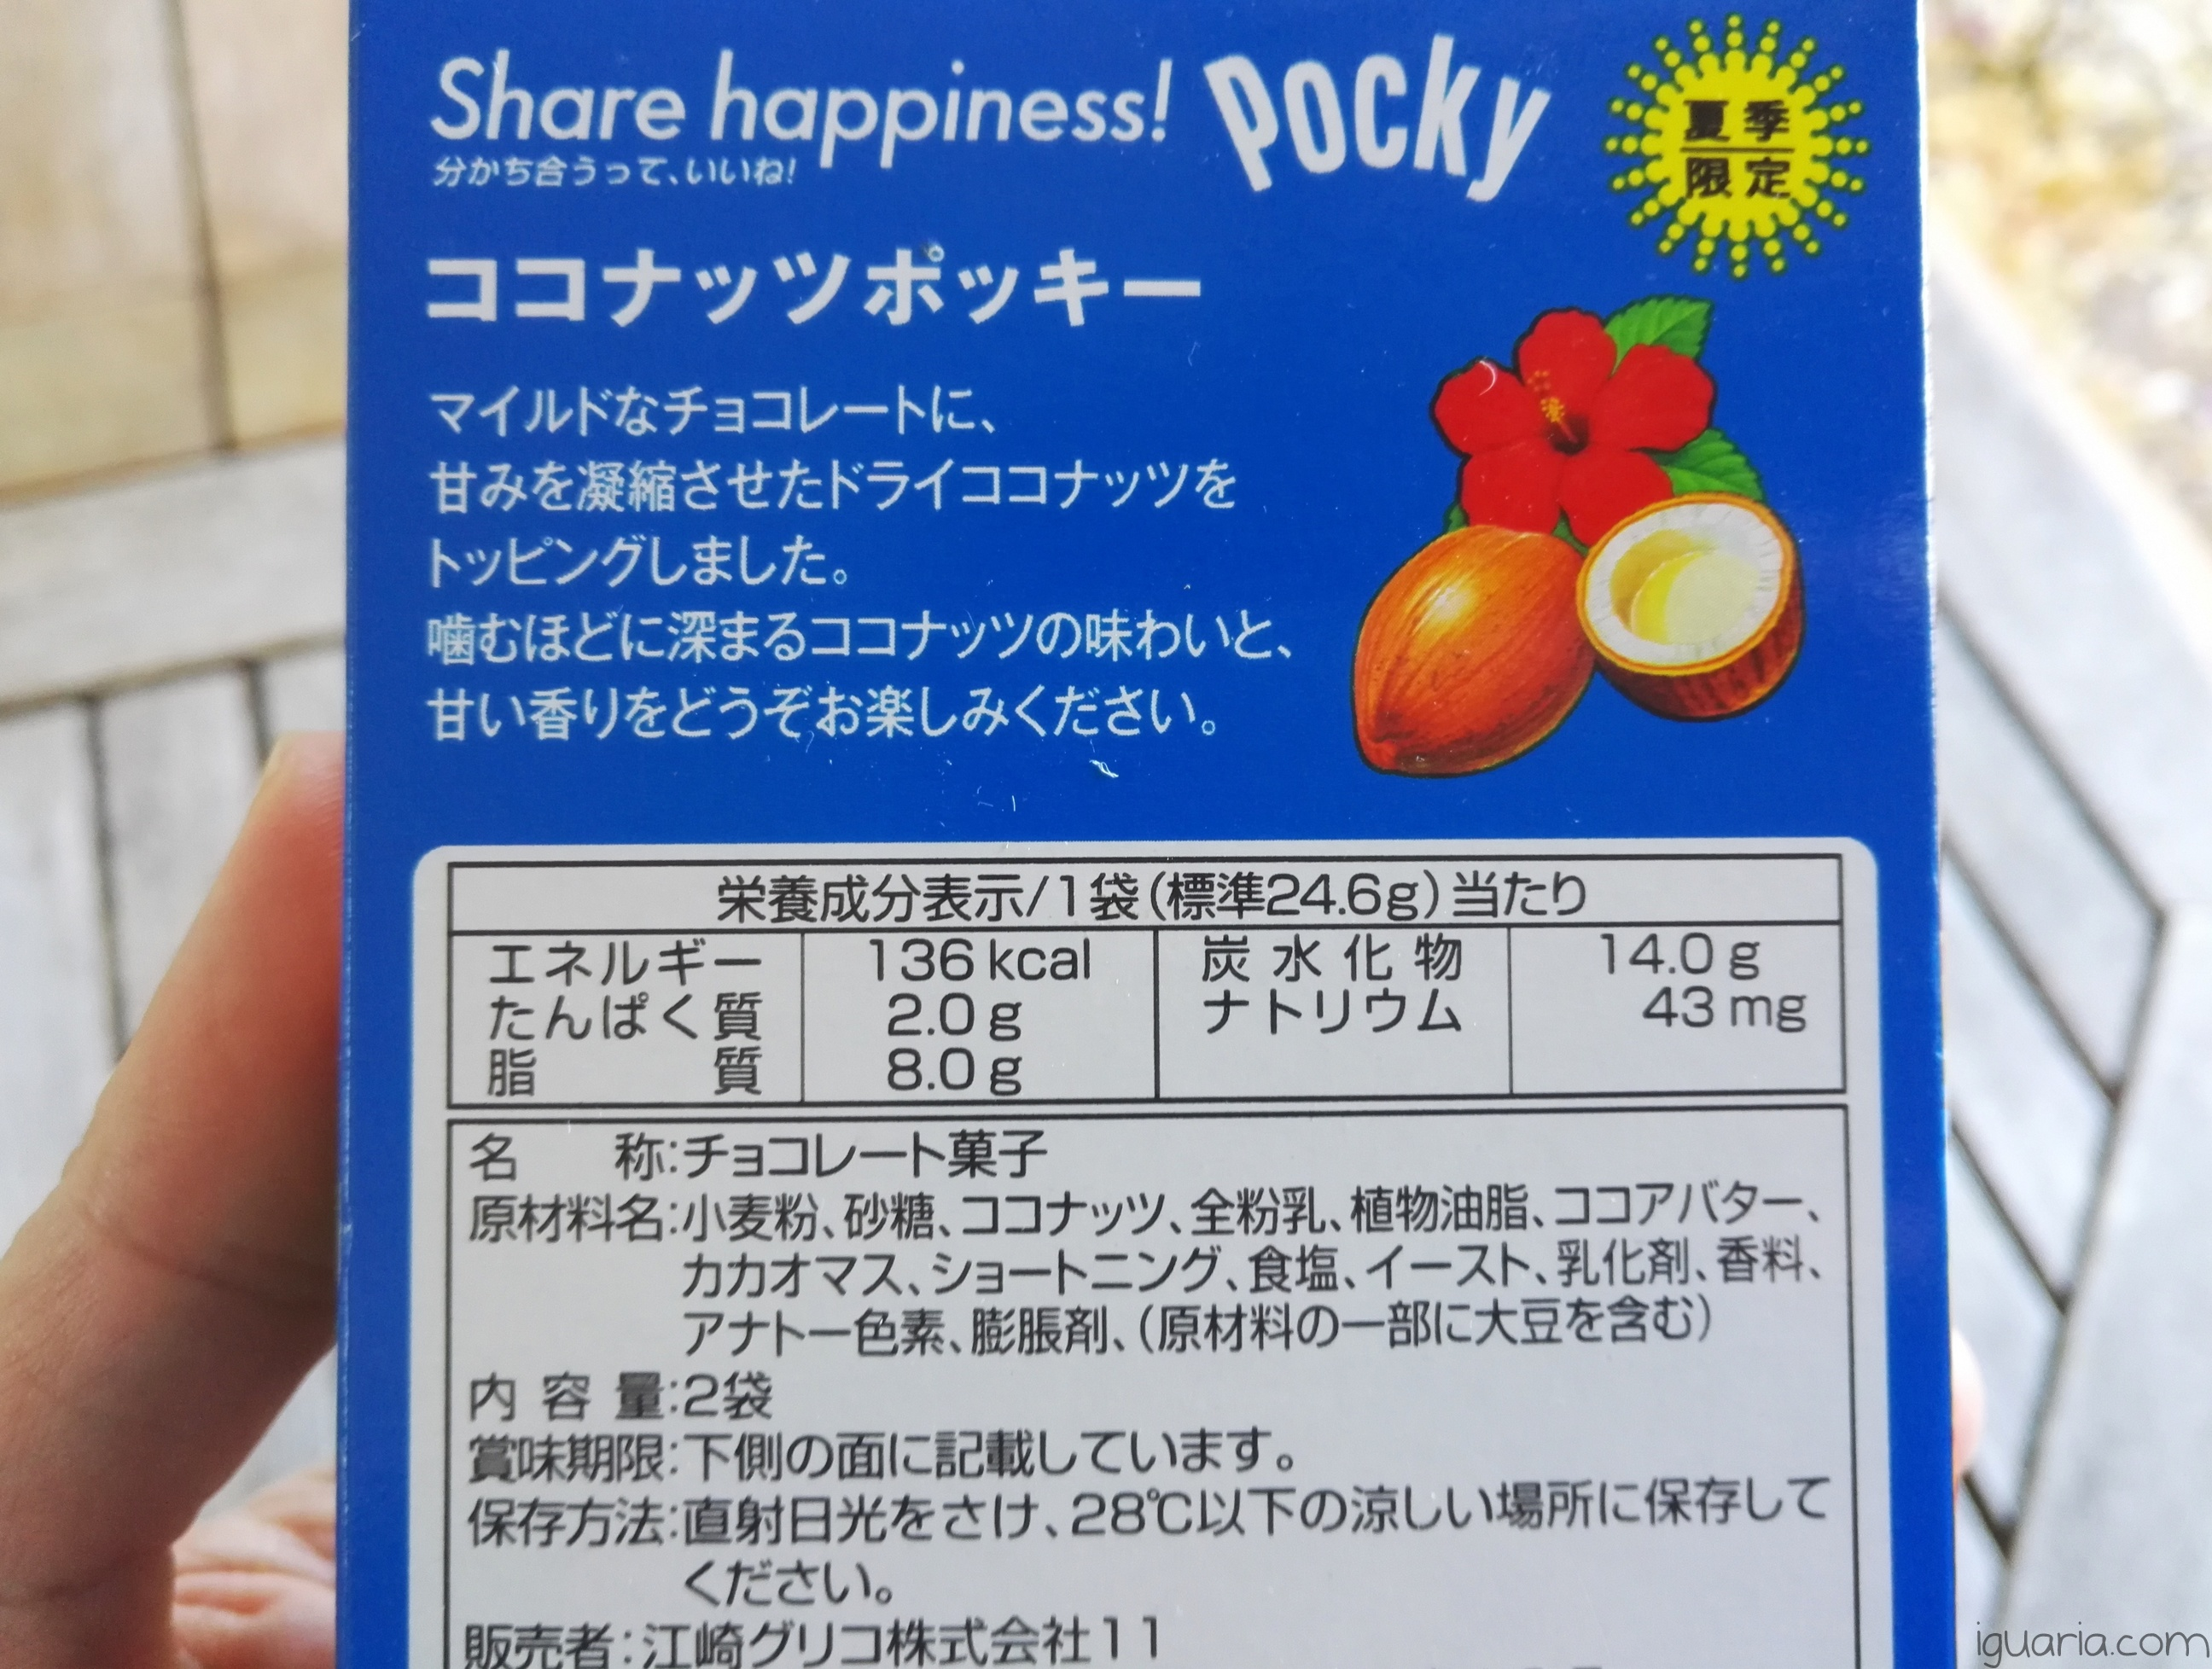 iguaria-valor-nutricional-pocky-coco